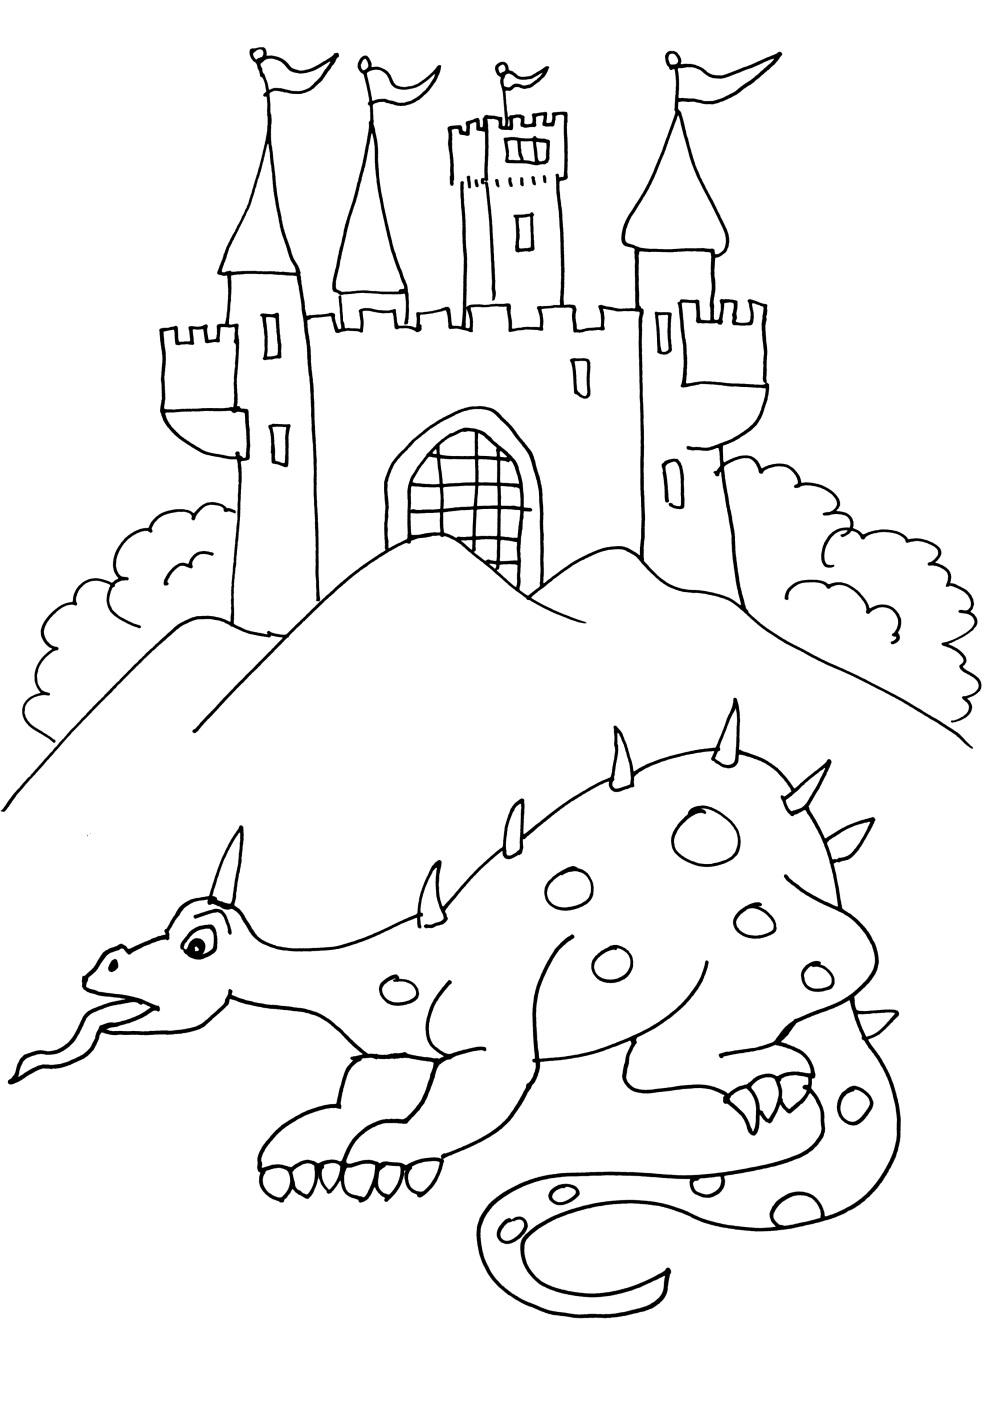 18 dessins de coloriage chevalier dragon imprimer - Dessin anime chevalier de la table ronde ...